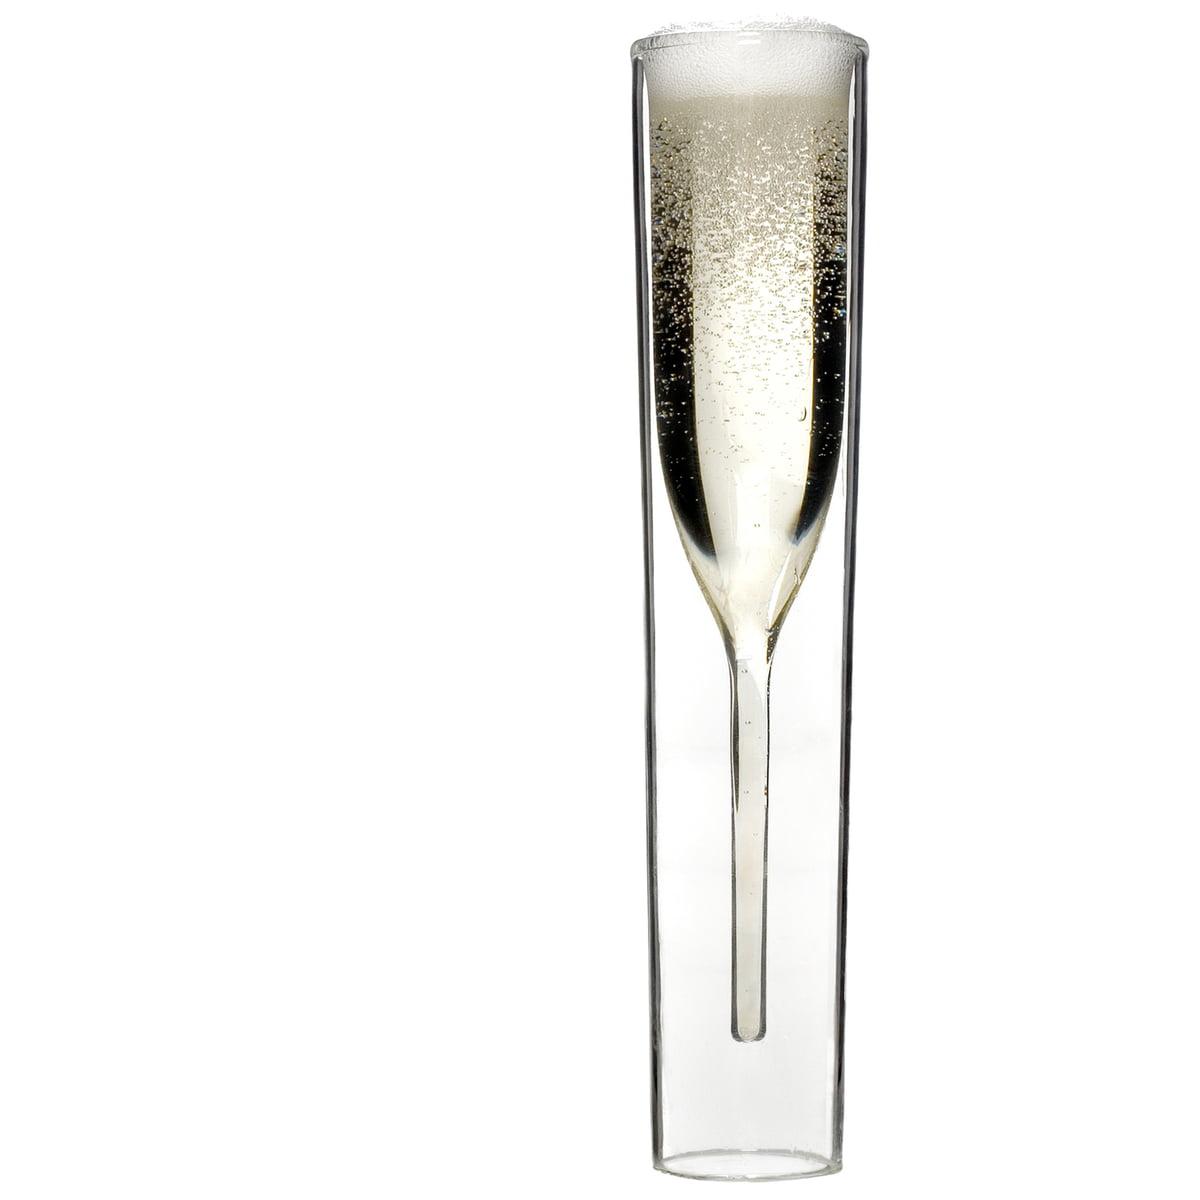 Charles & Marie - InsideOut Champagnerglas, 2er-Set | Küche und Esszimmer | Charles & Marie